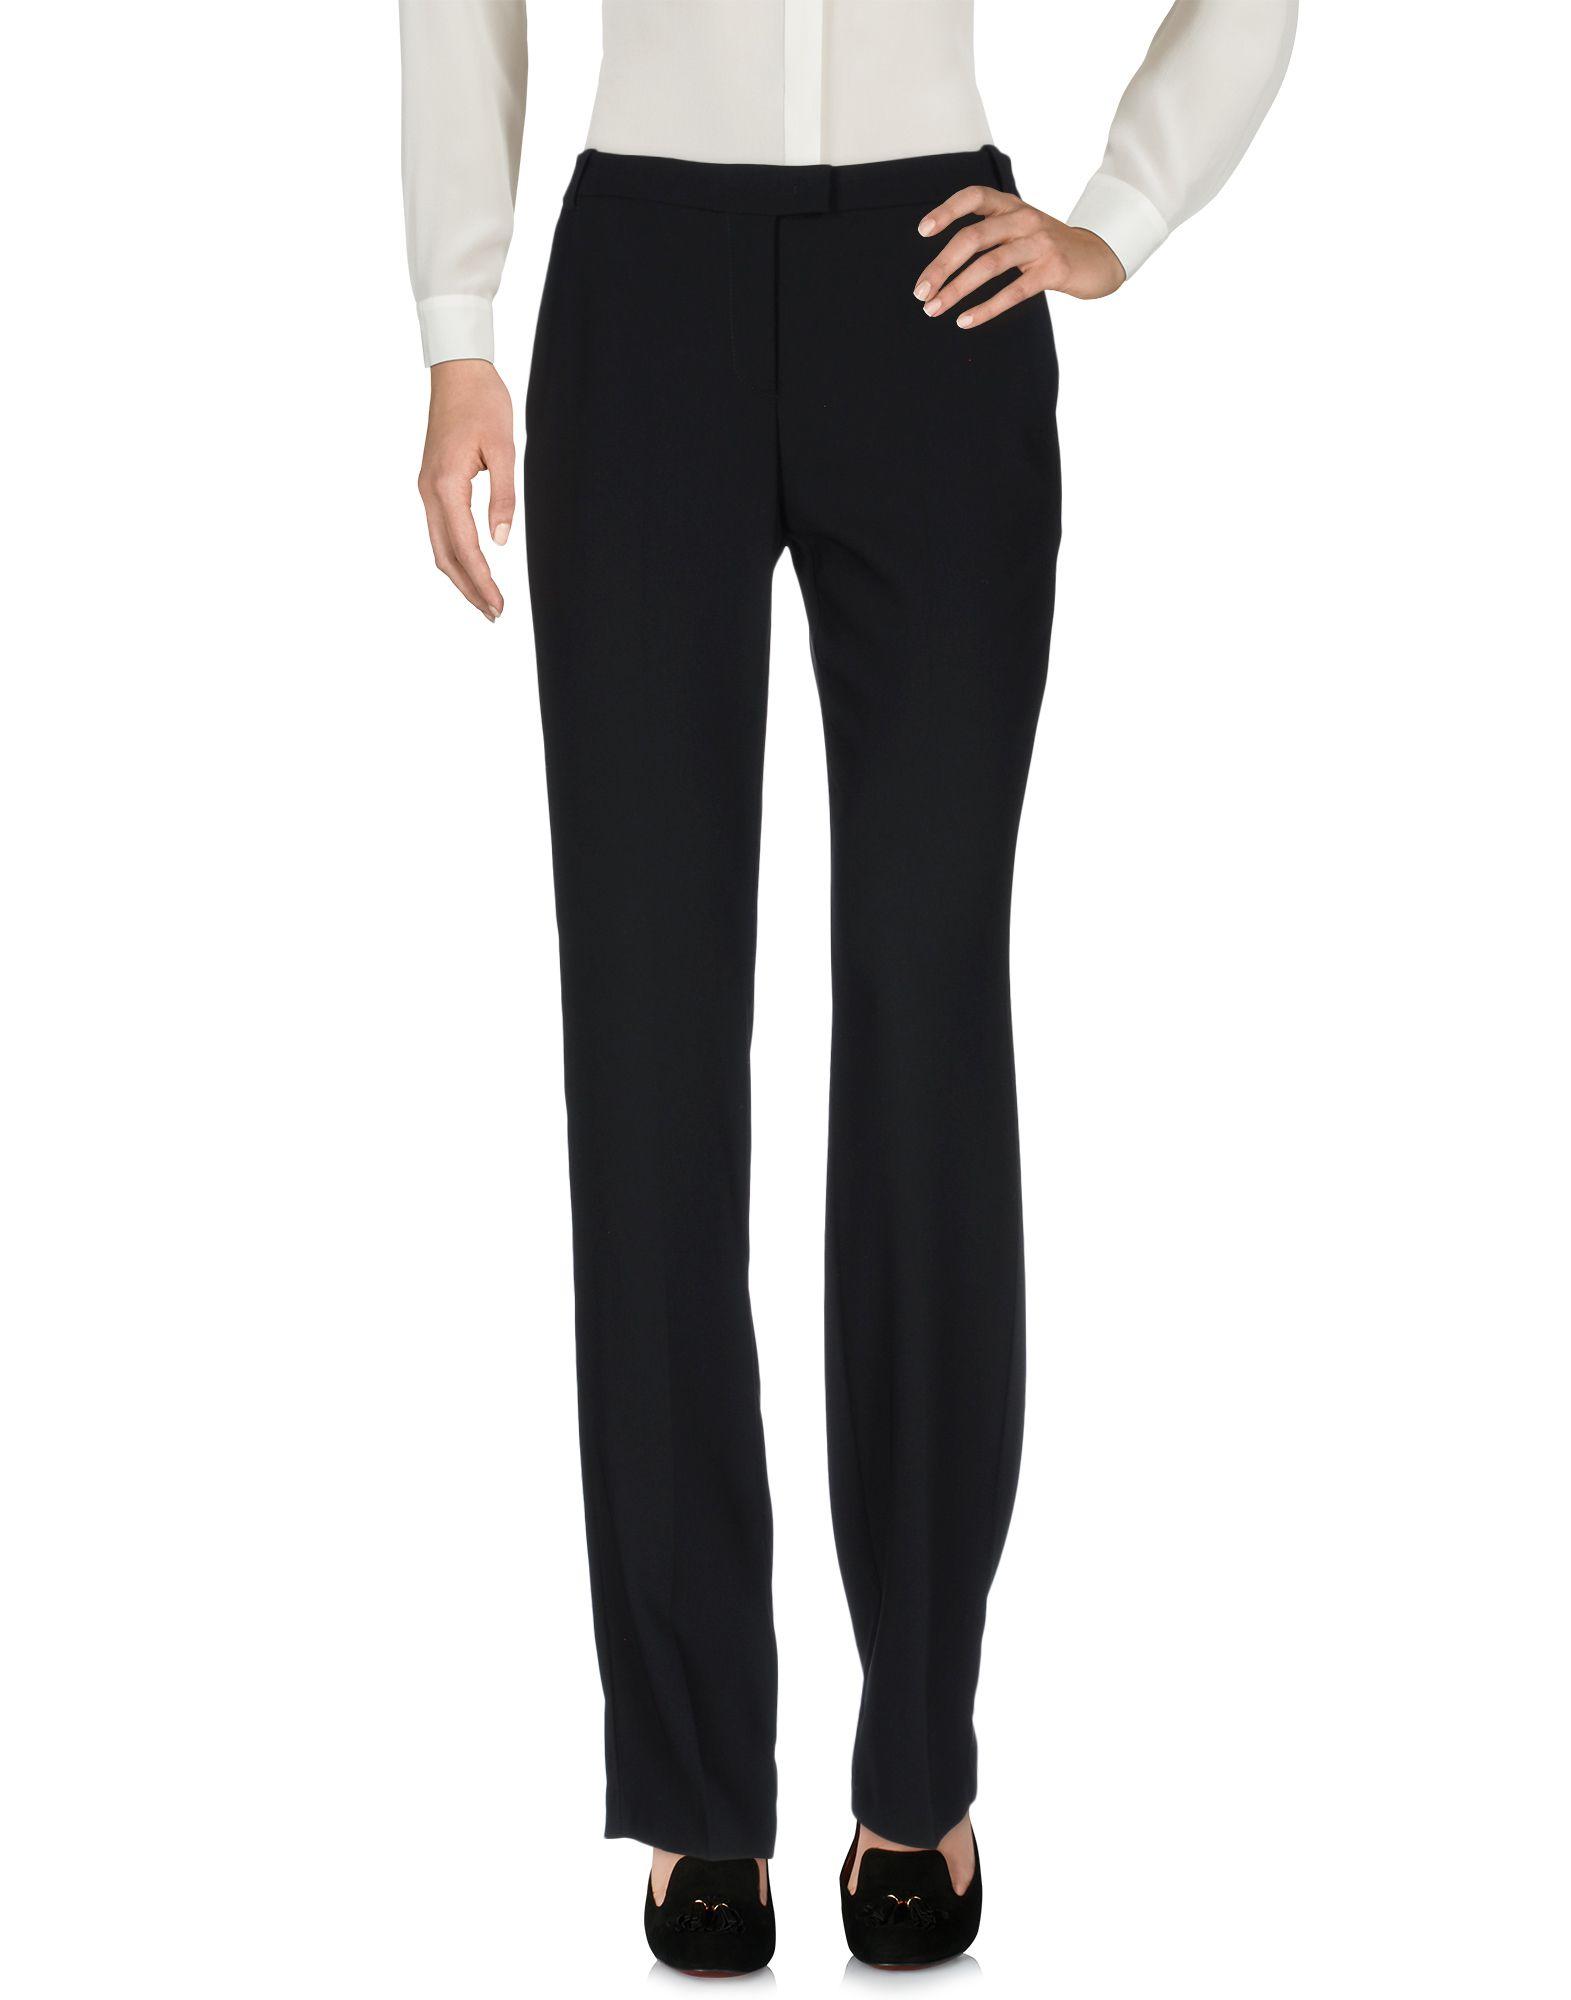 Pantalone Pinko Donna - Acquista online su uuBiokN6g